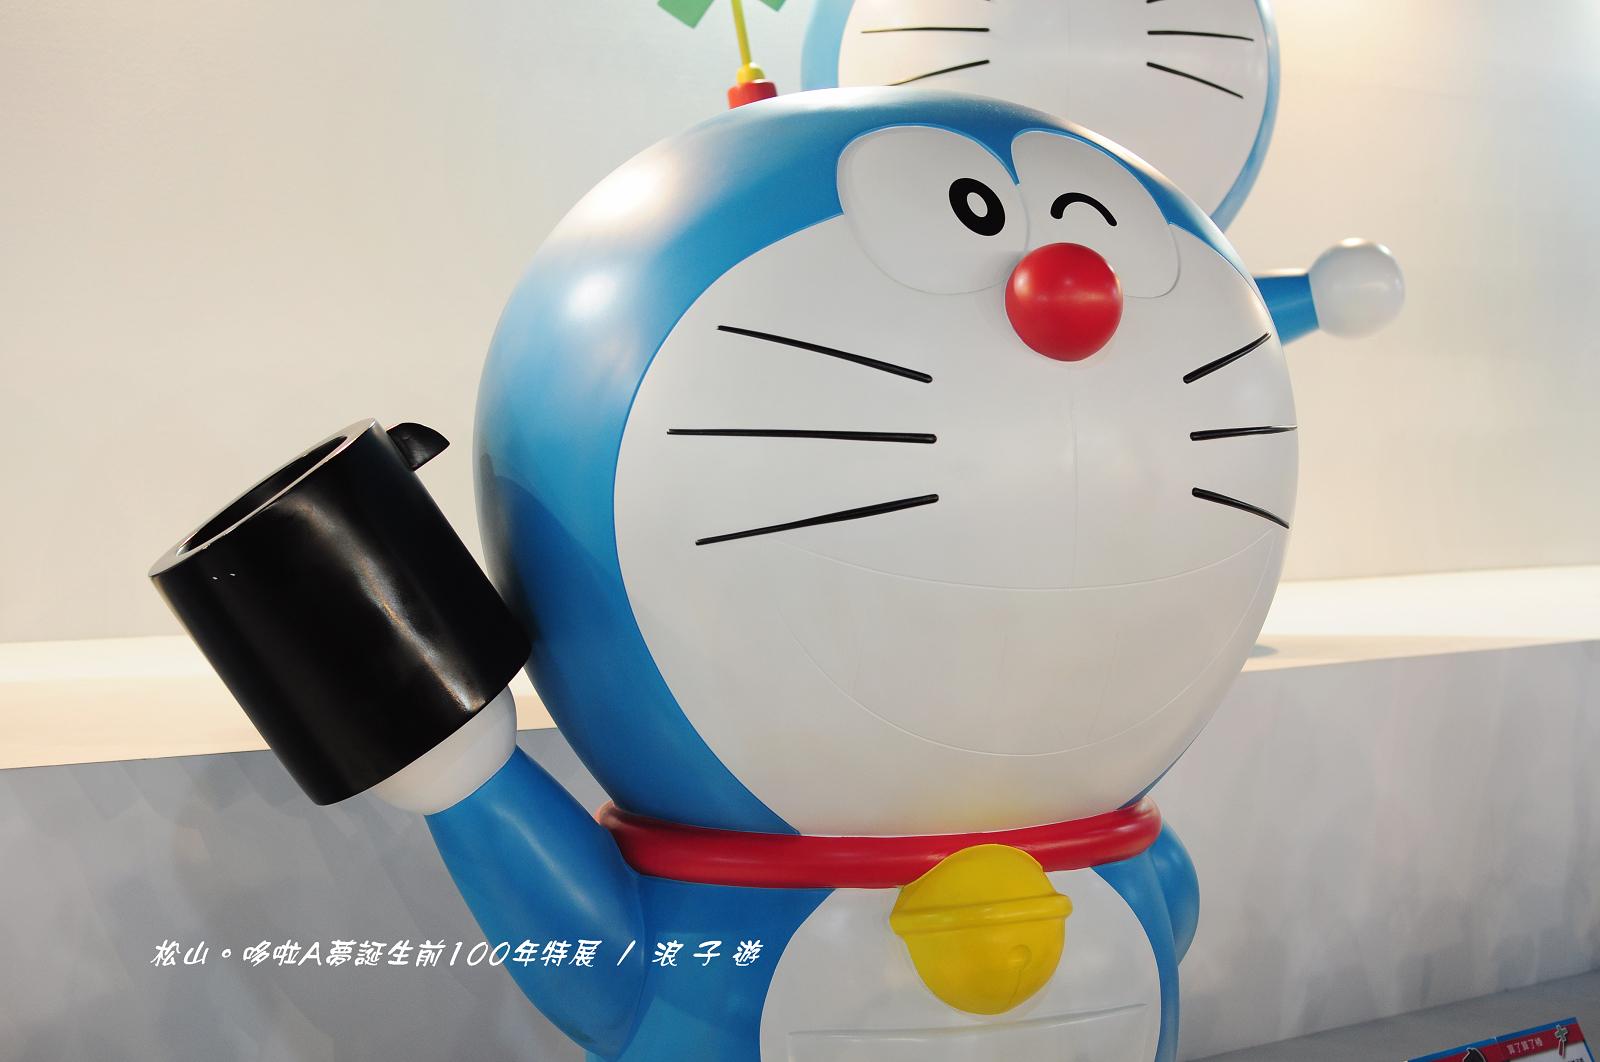 浪子 遊: [展覽] 哆啦A夢誕生前100年特展 - 百尊叮噹神參拜之旅 神像只給看 可不能褻玩焉喔!!!(咦?)